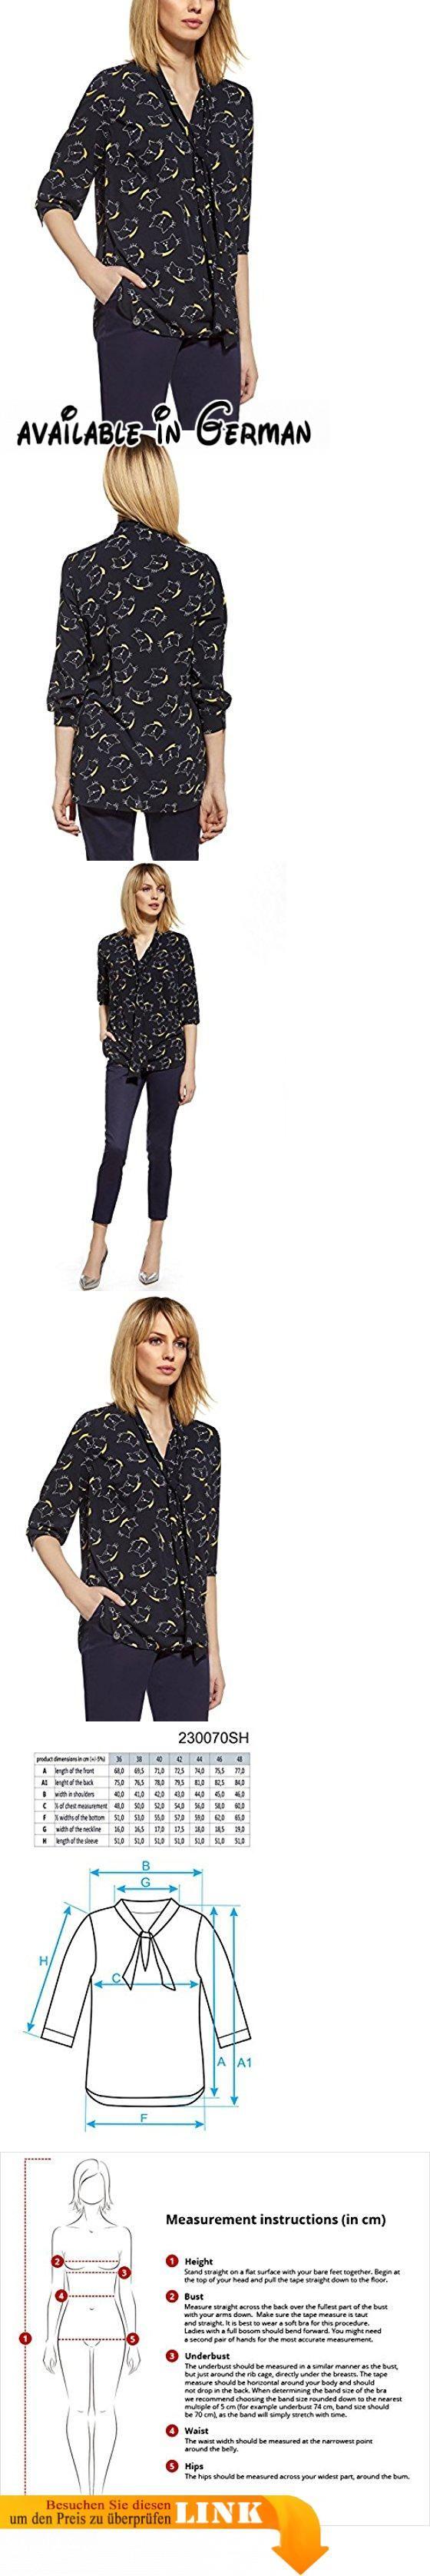 Ennywear 230070 Bluse Dame Hemd Gemustert Stehkragen V-Ausschnitt 3/4Arm EU, dunkelblau,42. Lässige Bluse mit länger geschnittenem Rückenteil. Loser Schnitt, versteckt Unvollkommenheiten der Silhouette. Leicht durchsichtig, Ärmel mit Manschetten versehen. Mit modischem Druck und Bindeband am Ausschnitt. Lässt sich mit Röhrenjeans und High-Heels sehr gut kombinieren #Apparel #SHIRT